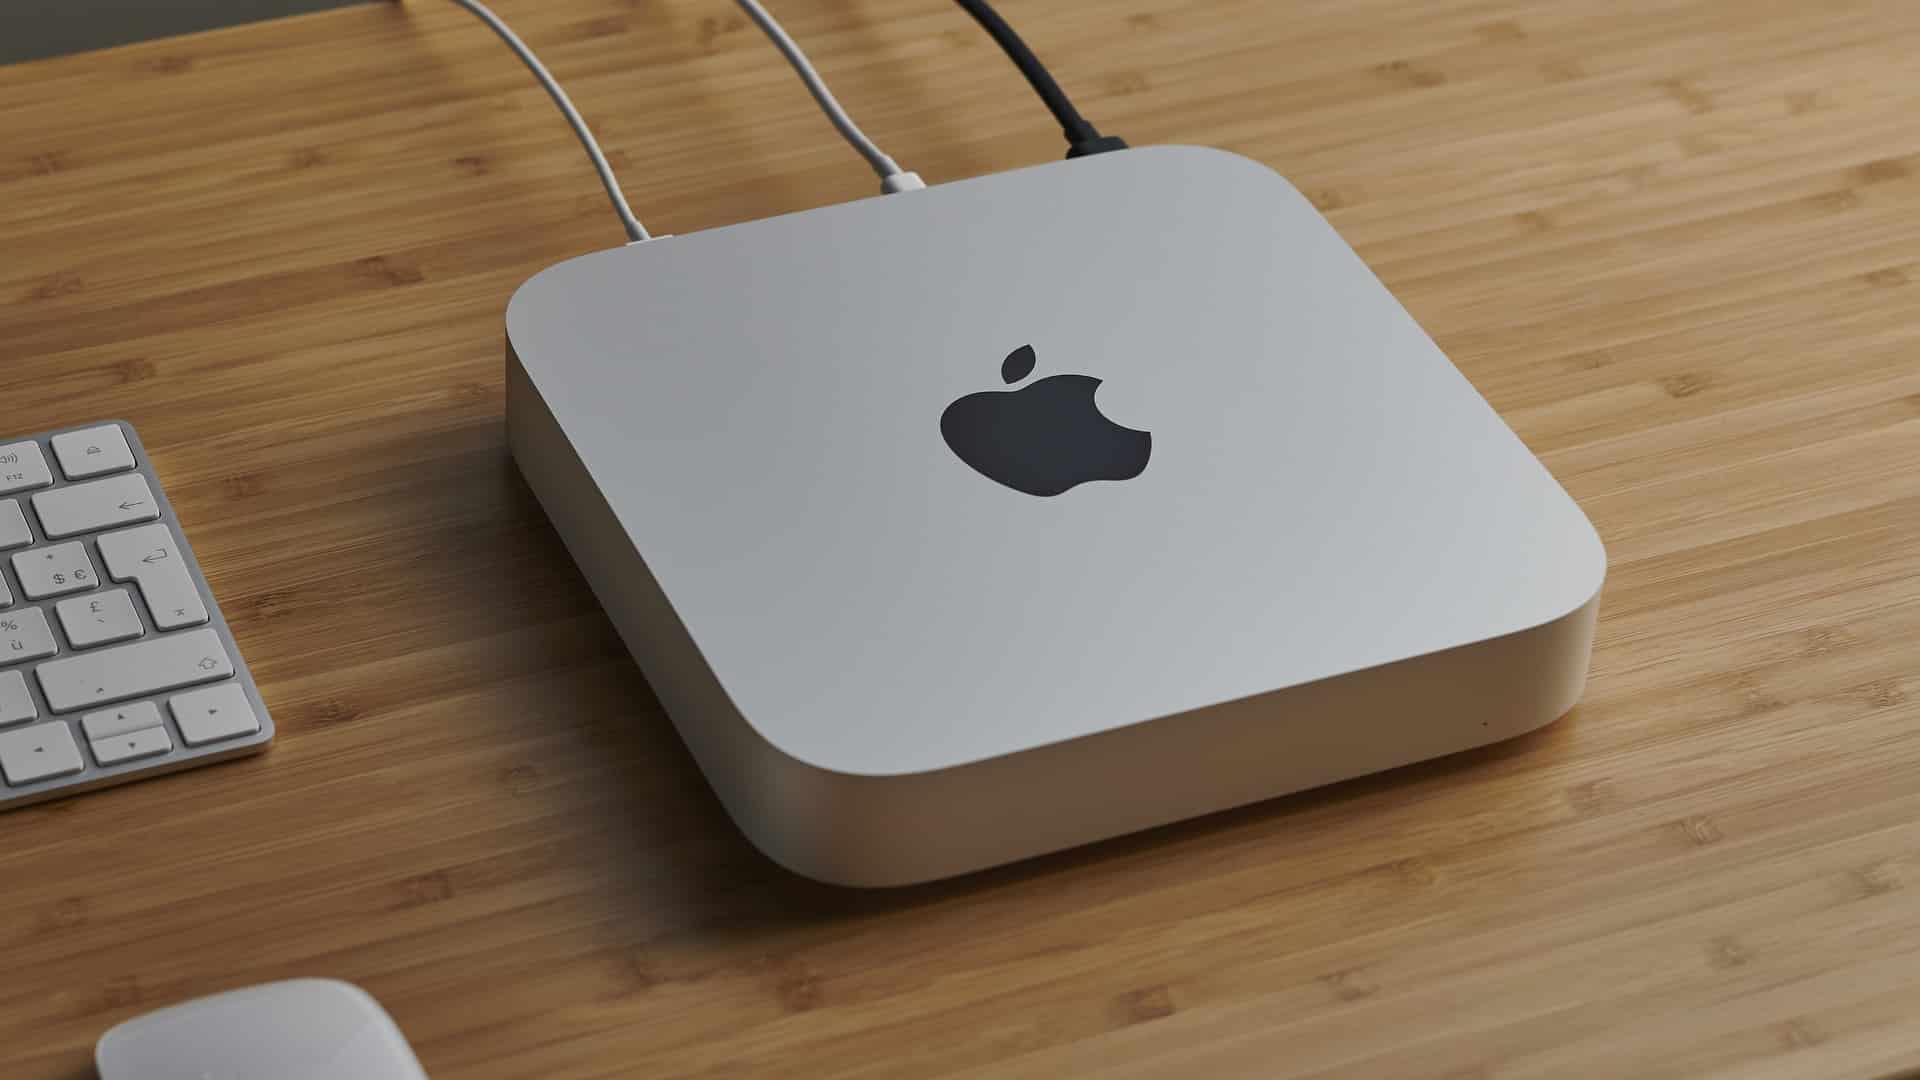 Produk Yang Diprediksi Akan Dirilis Pada Apple Event Bulan Oktober